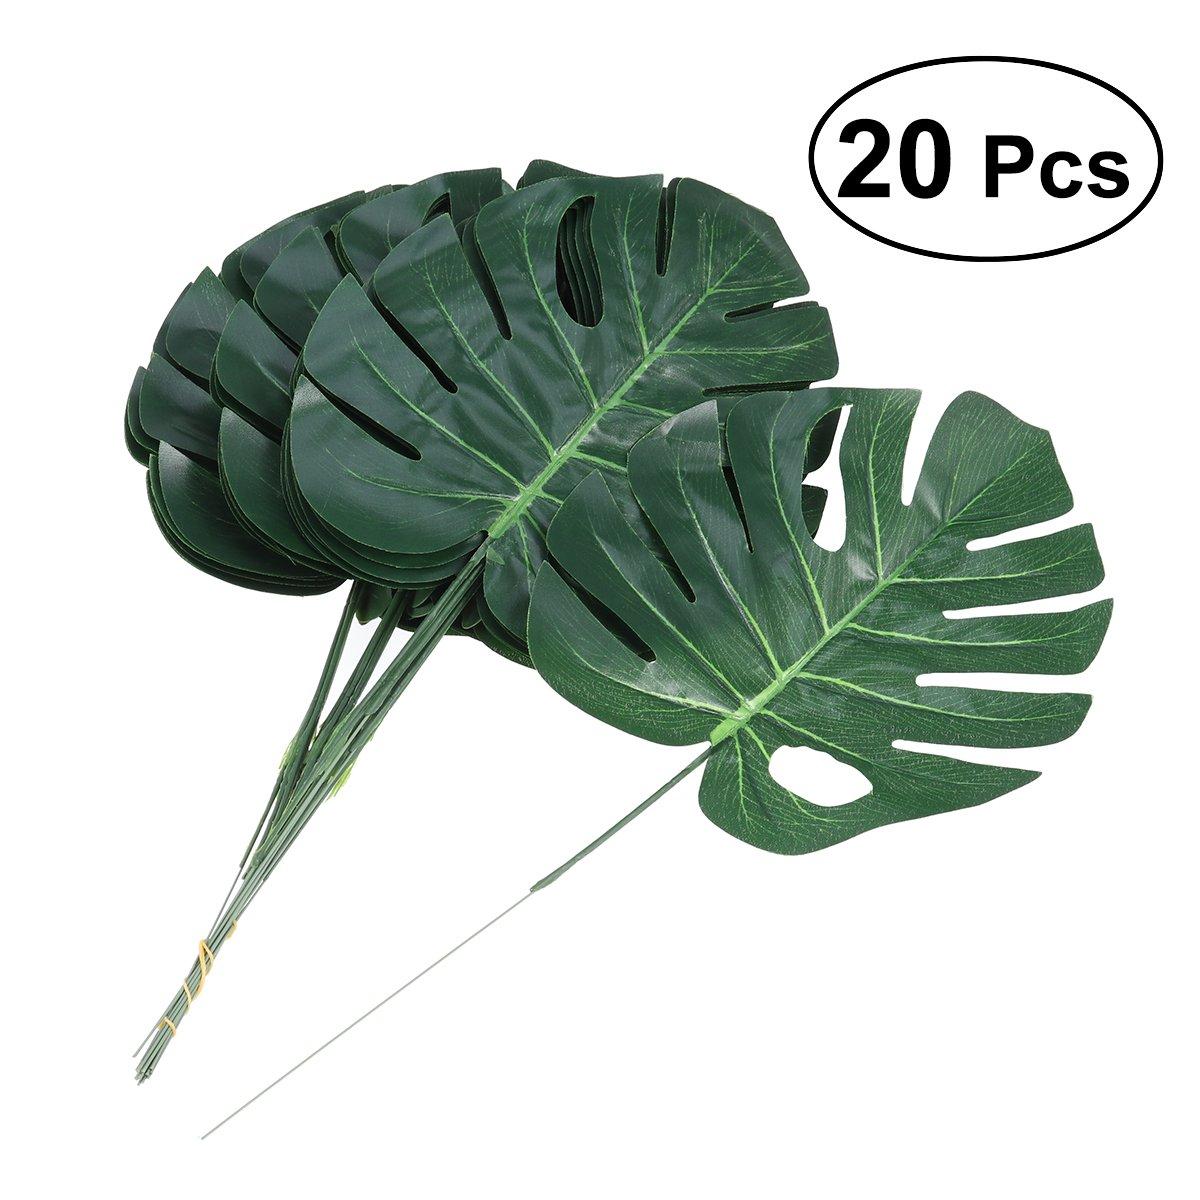 Tinksky 20 pcsハワイアンルアウパーティージャングルビーチテーマパーティーデコレーショングリーンシミュレーション花人工植物フェイクMonstera葉ホーム装飾 B07C8LLFDP